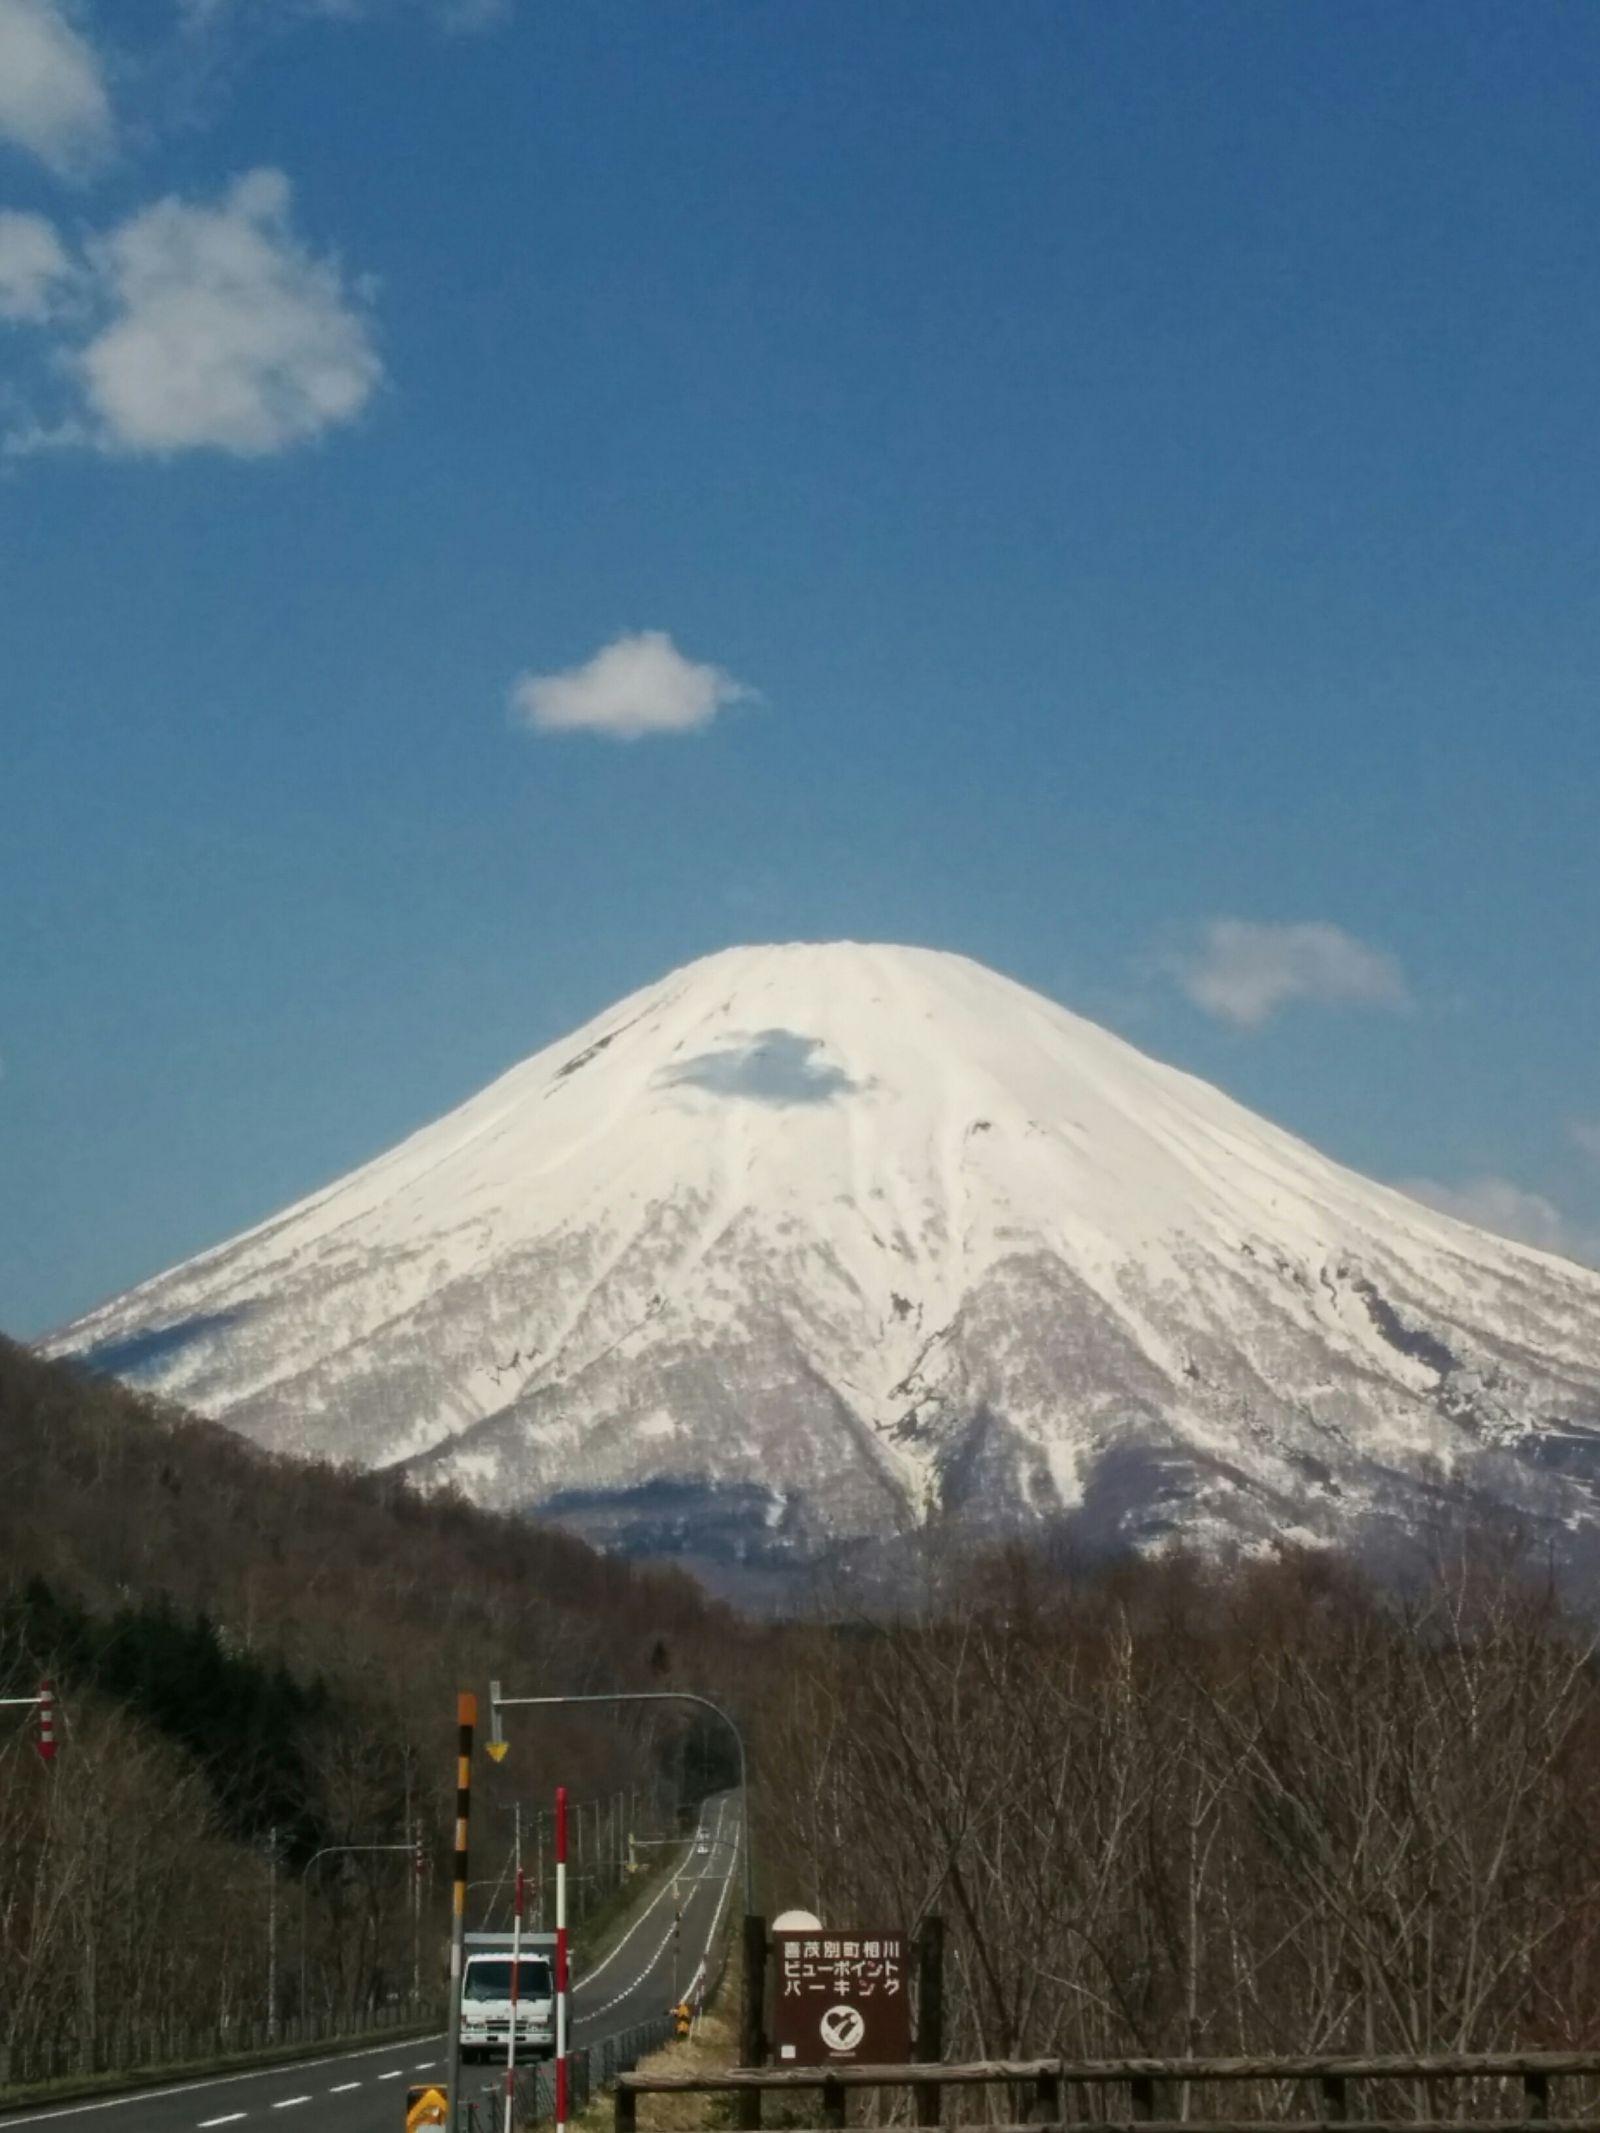 【蝦夷富士羊蹄山】蝦夷富士羊蹄山観光タクシー